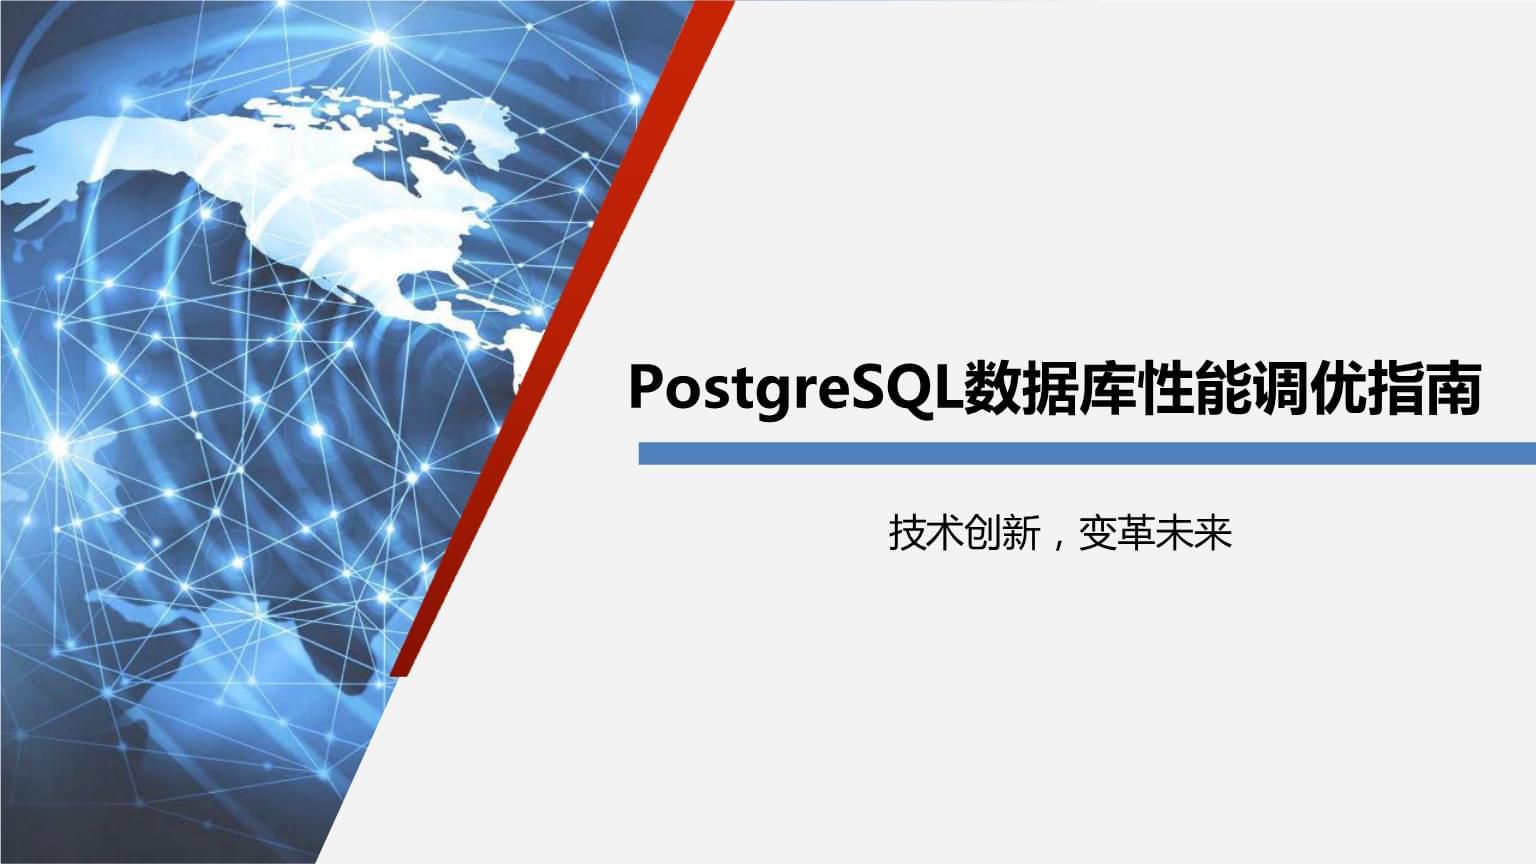 PostgreSQL数据库性能调优指南.pptx